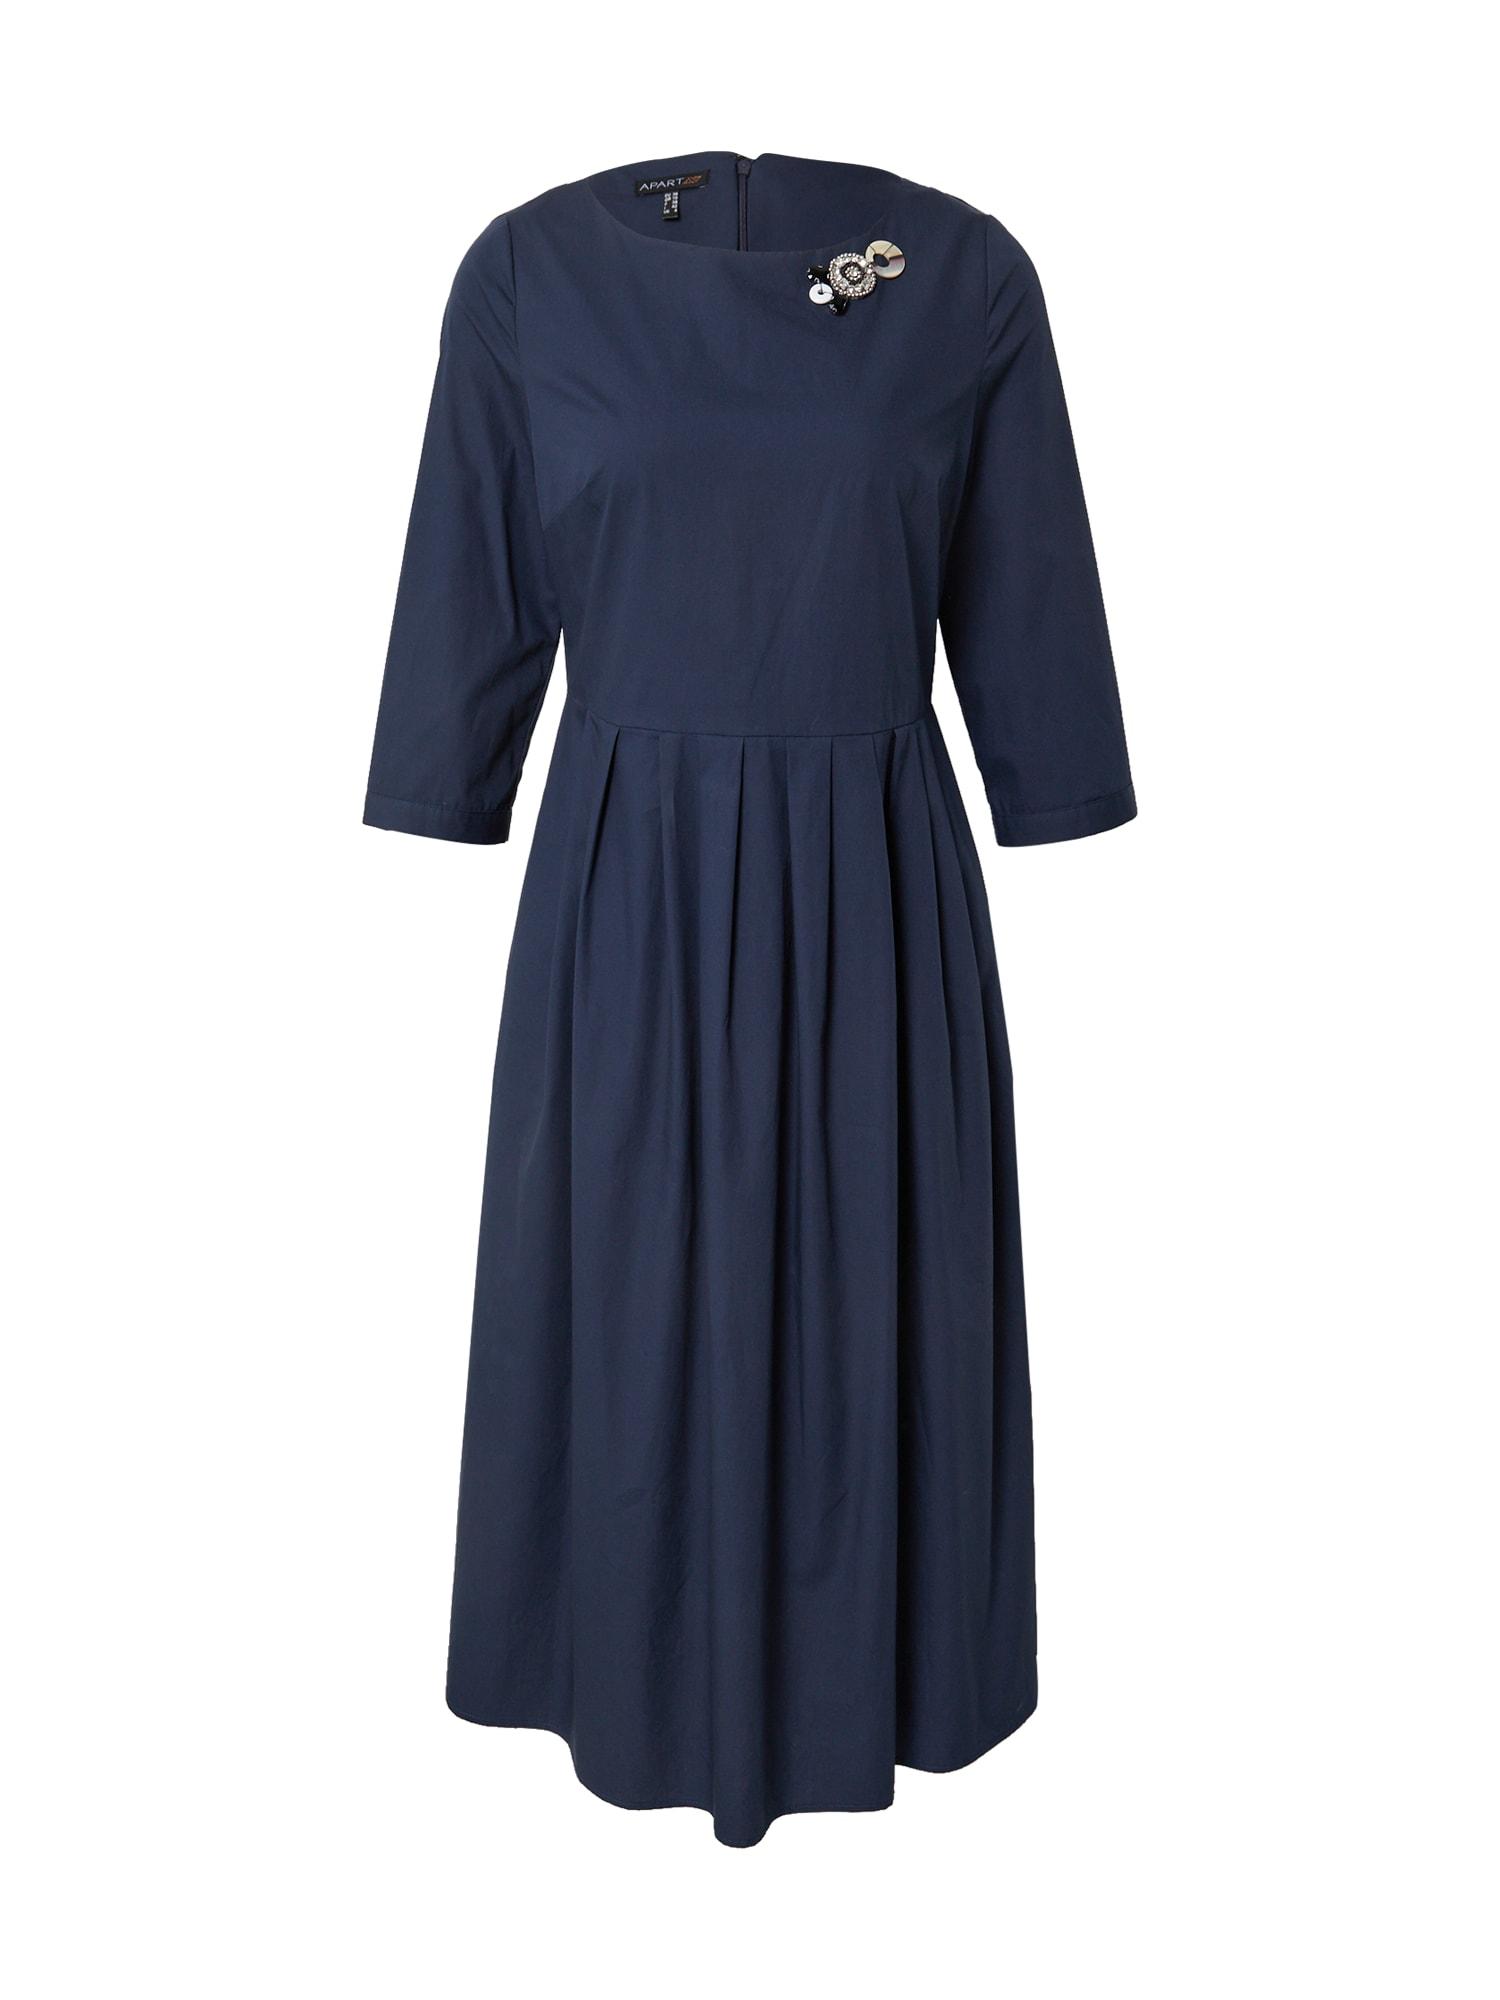 APART Vasarinė suknelė nakties mėlyna